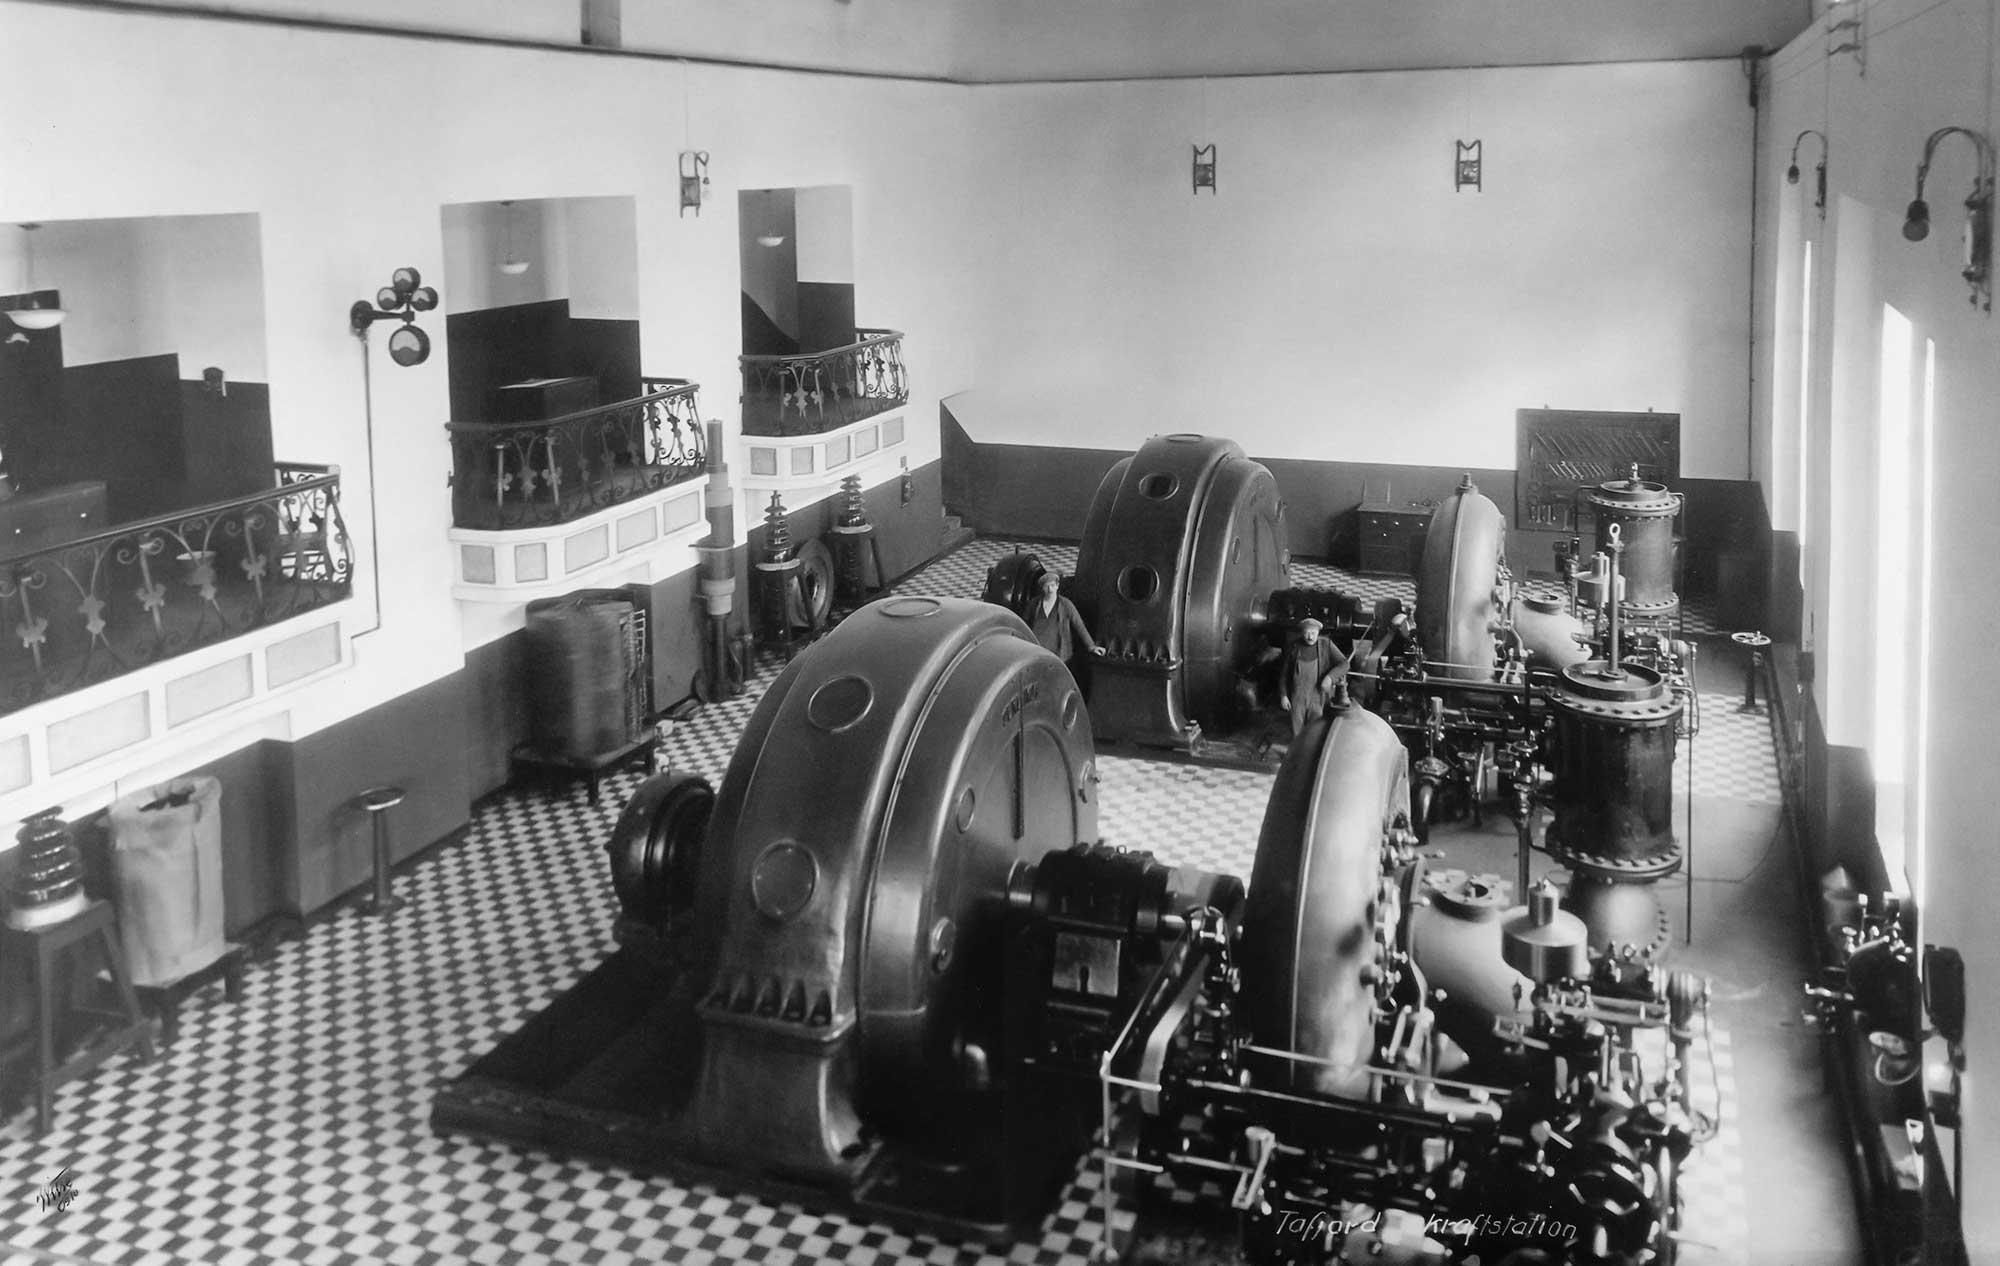 Tafjord Kraftproduksjons første elvekraftverk ble satt i drift i 2002, og representerte noe nytt for den erfarne vannkraftprodusenten. Dette var produksjon uten magasiner etter en modell som ga rom for større lokalt engasjement og medeierskap.